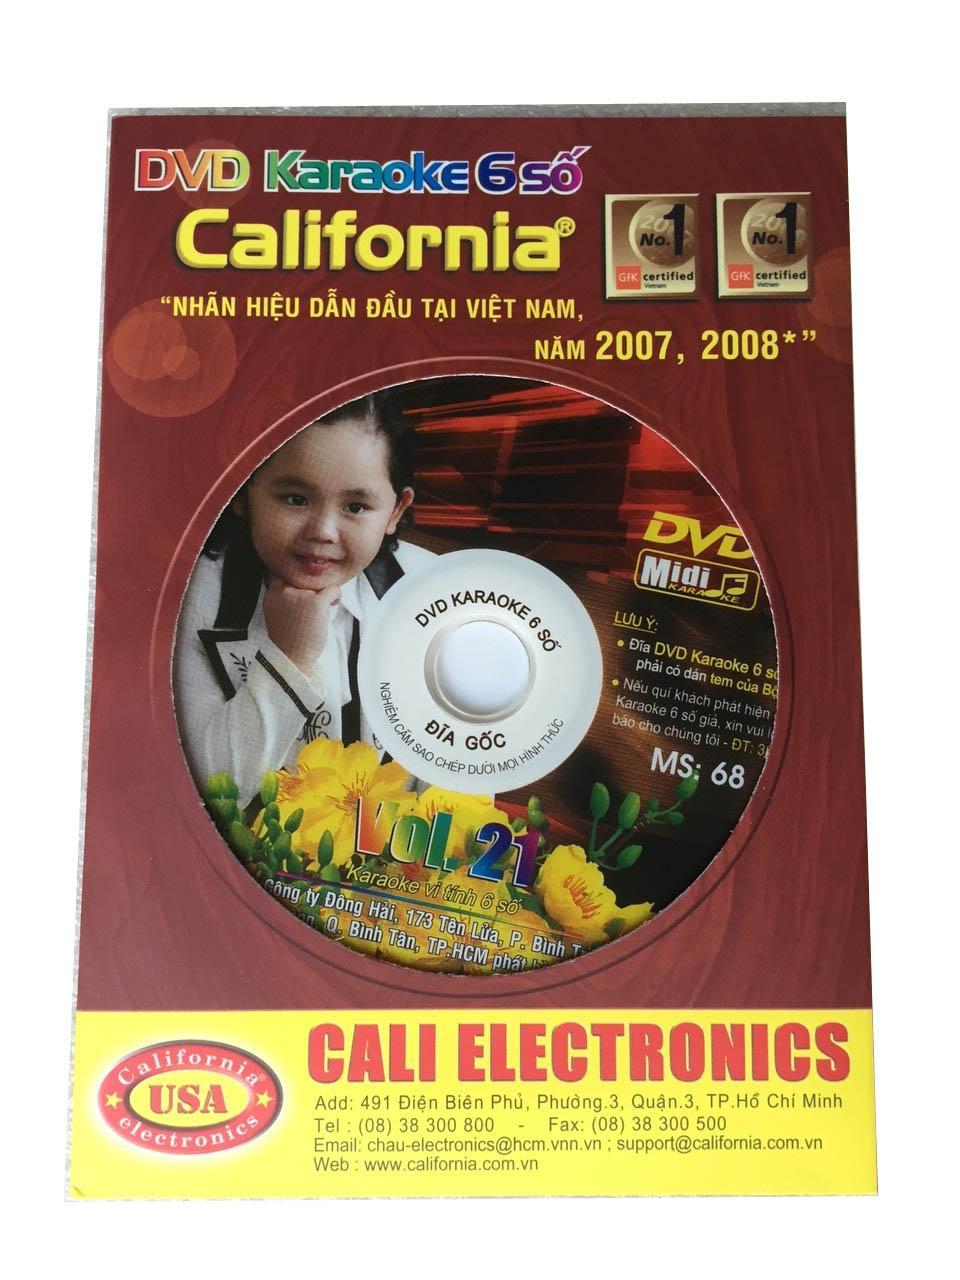 Đĩa Karaoke 6 số California Vol 21 - MS 68 (Hình 1 đứa bé) + Sách List nhạc